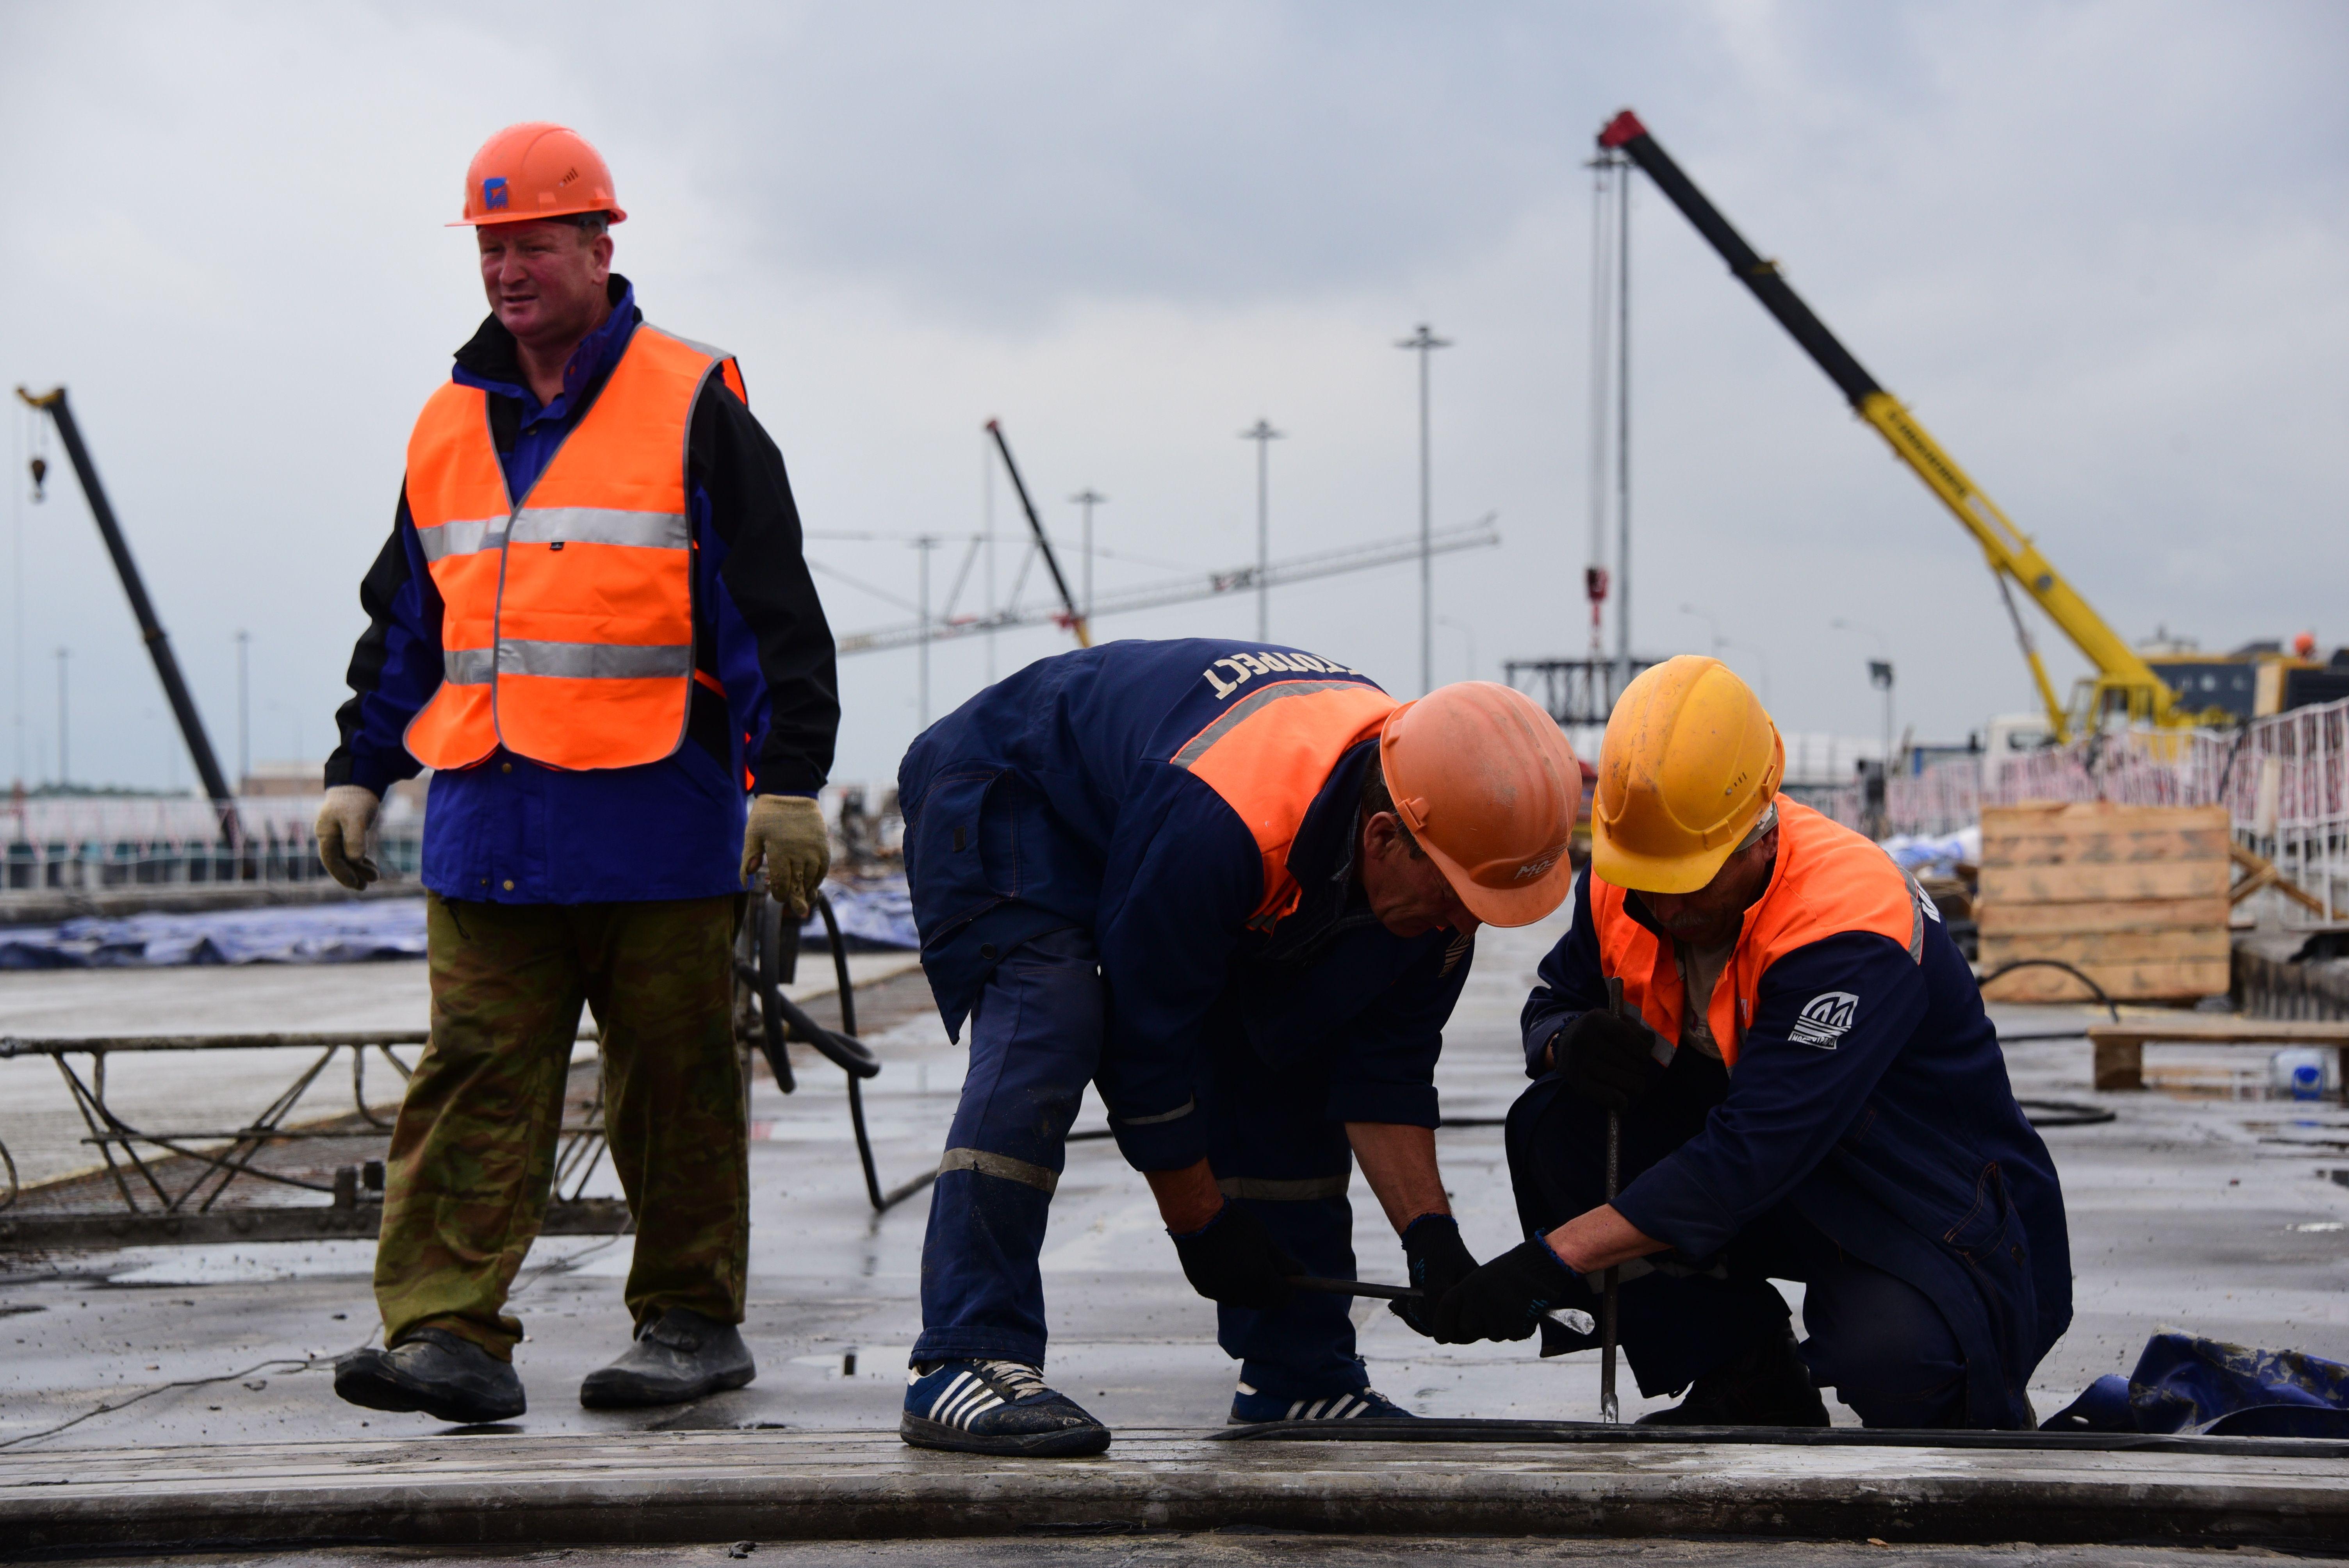 Владимир Жидкин: проект дороги между Родниковой улицей и Киевским шоссе будет готов в 2020 году